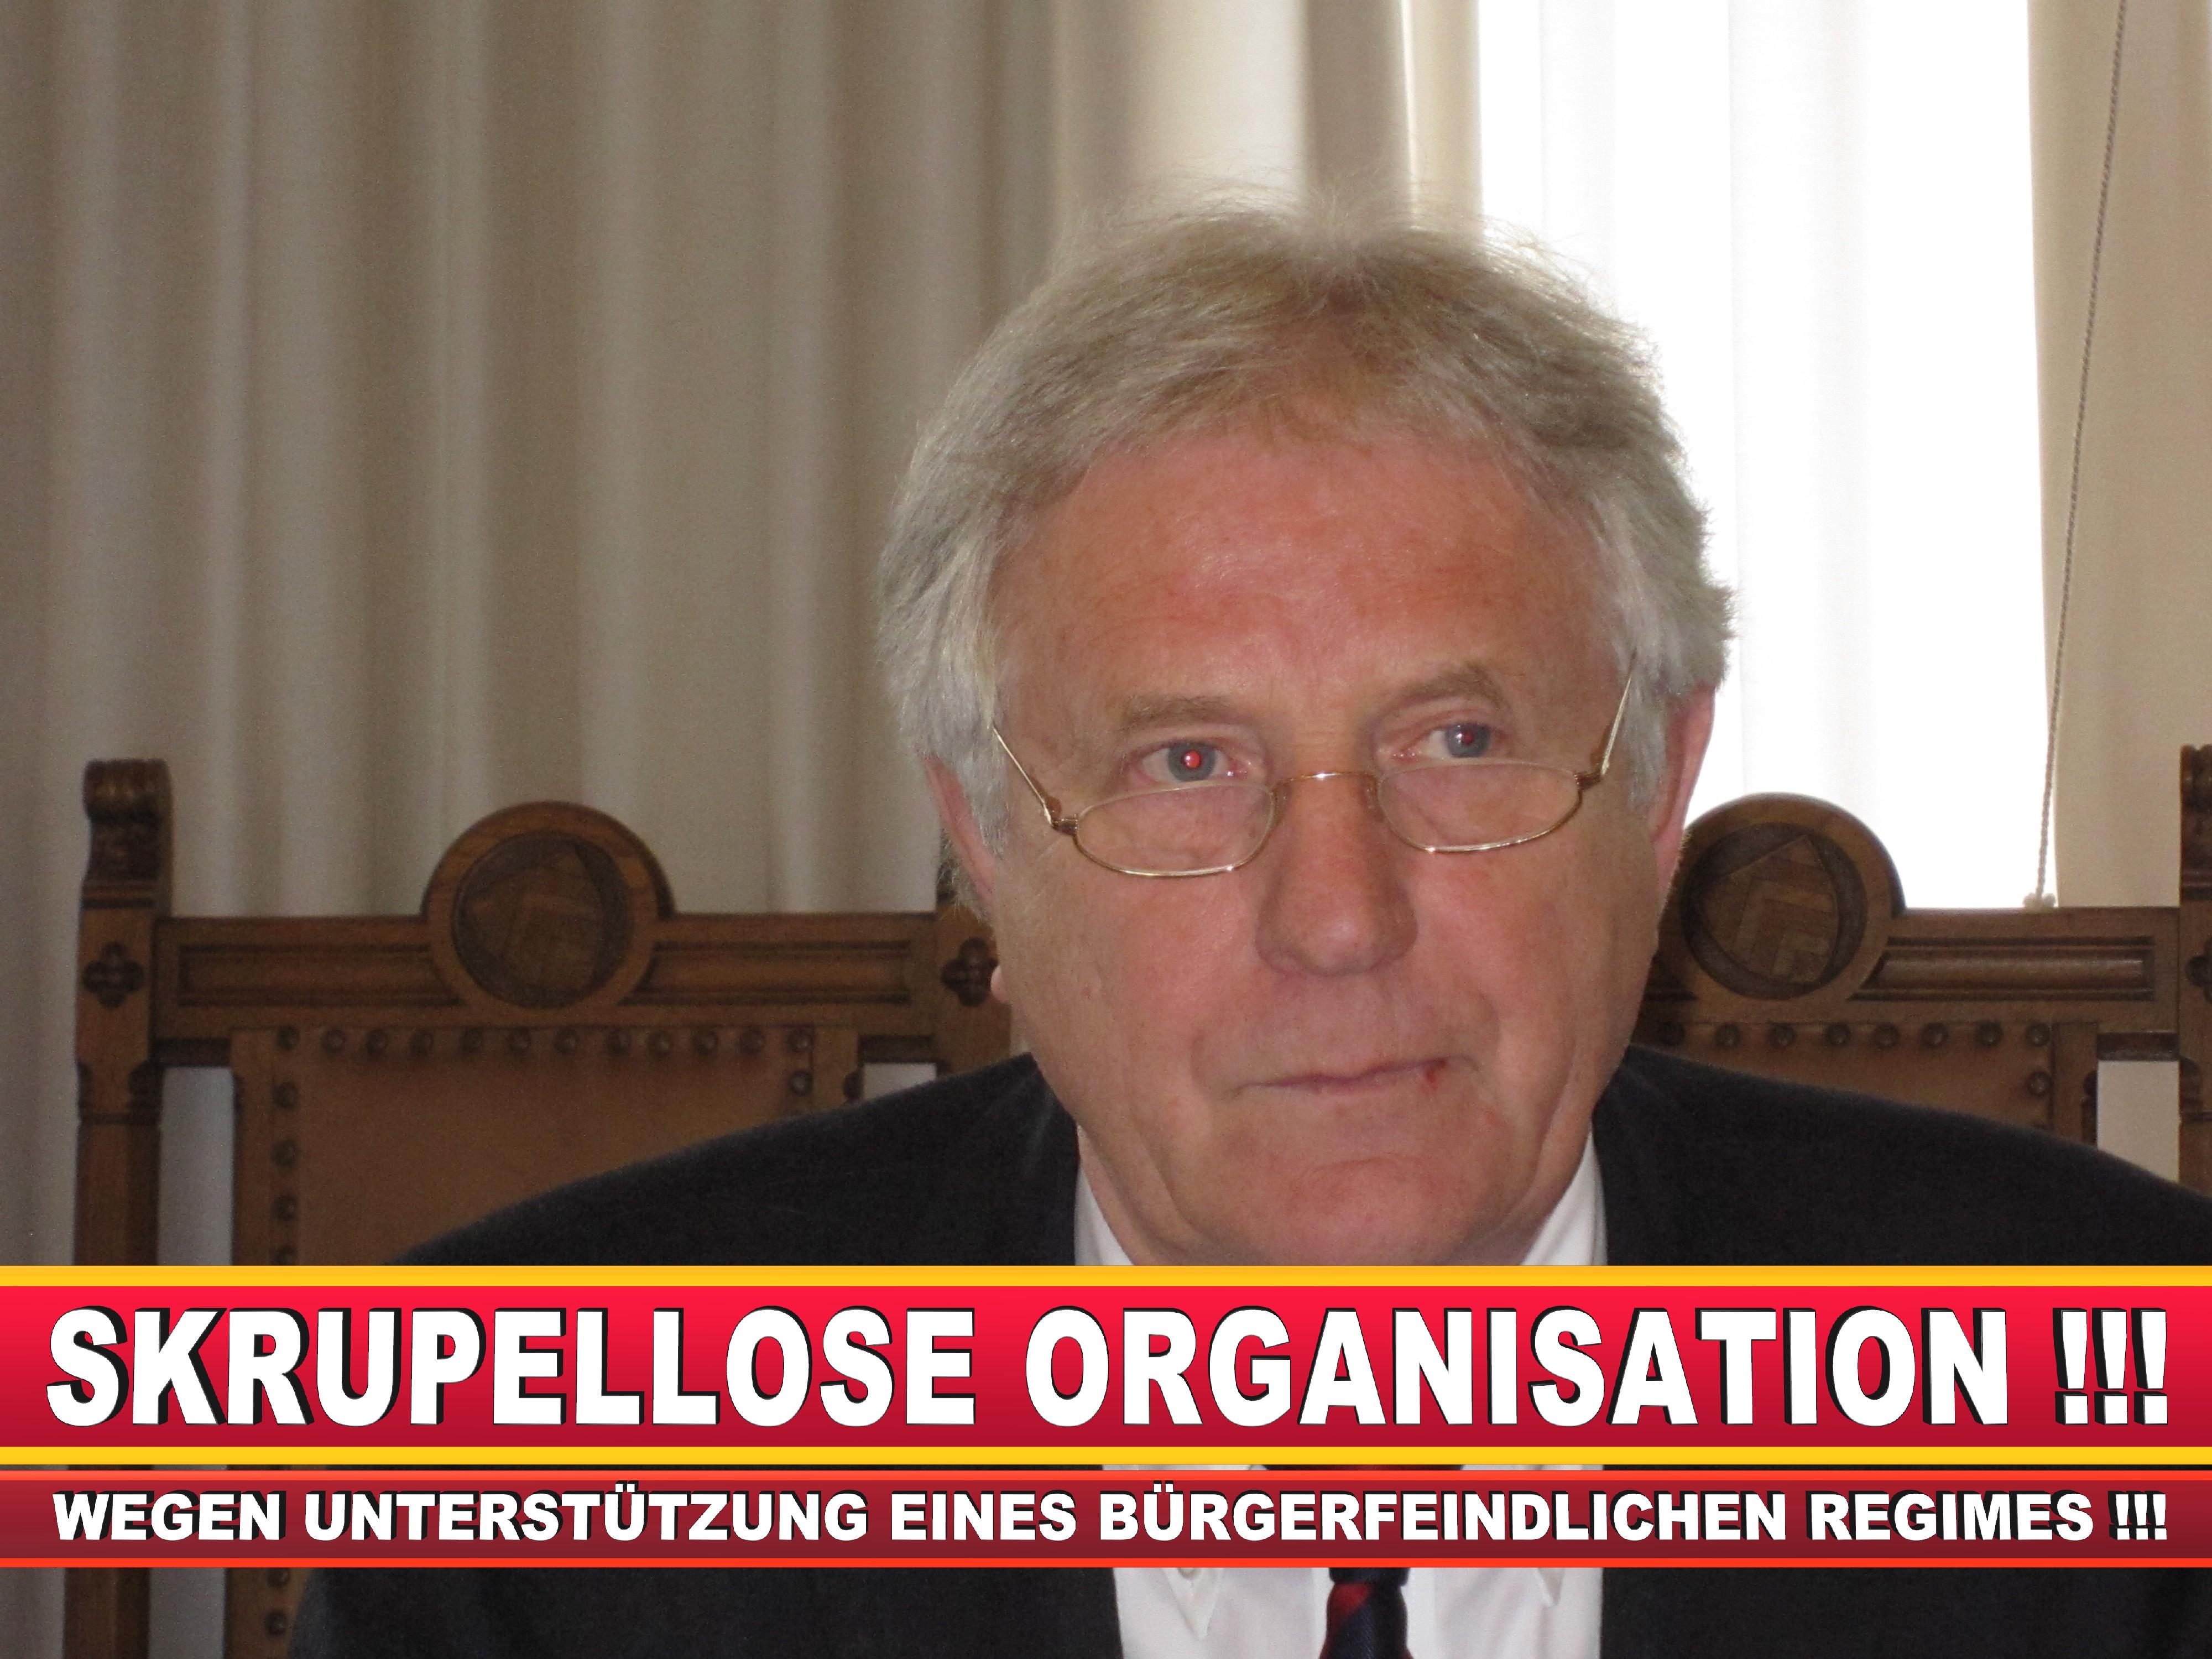 Polizeipräsident Erwin Südfeld Bielefeld Oberbürgermeister Bürgermeister Peter Clausen Pit Clausen Bielefeld (10)